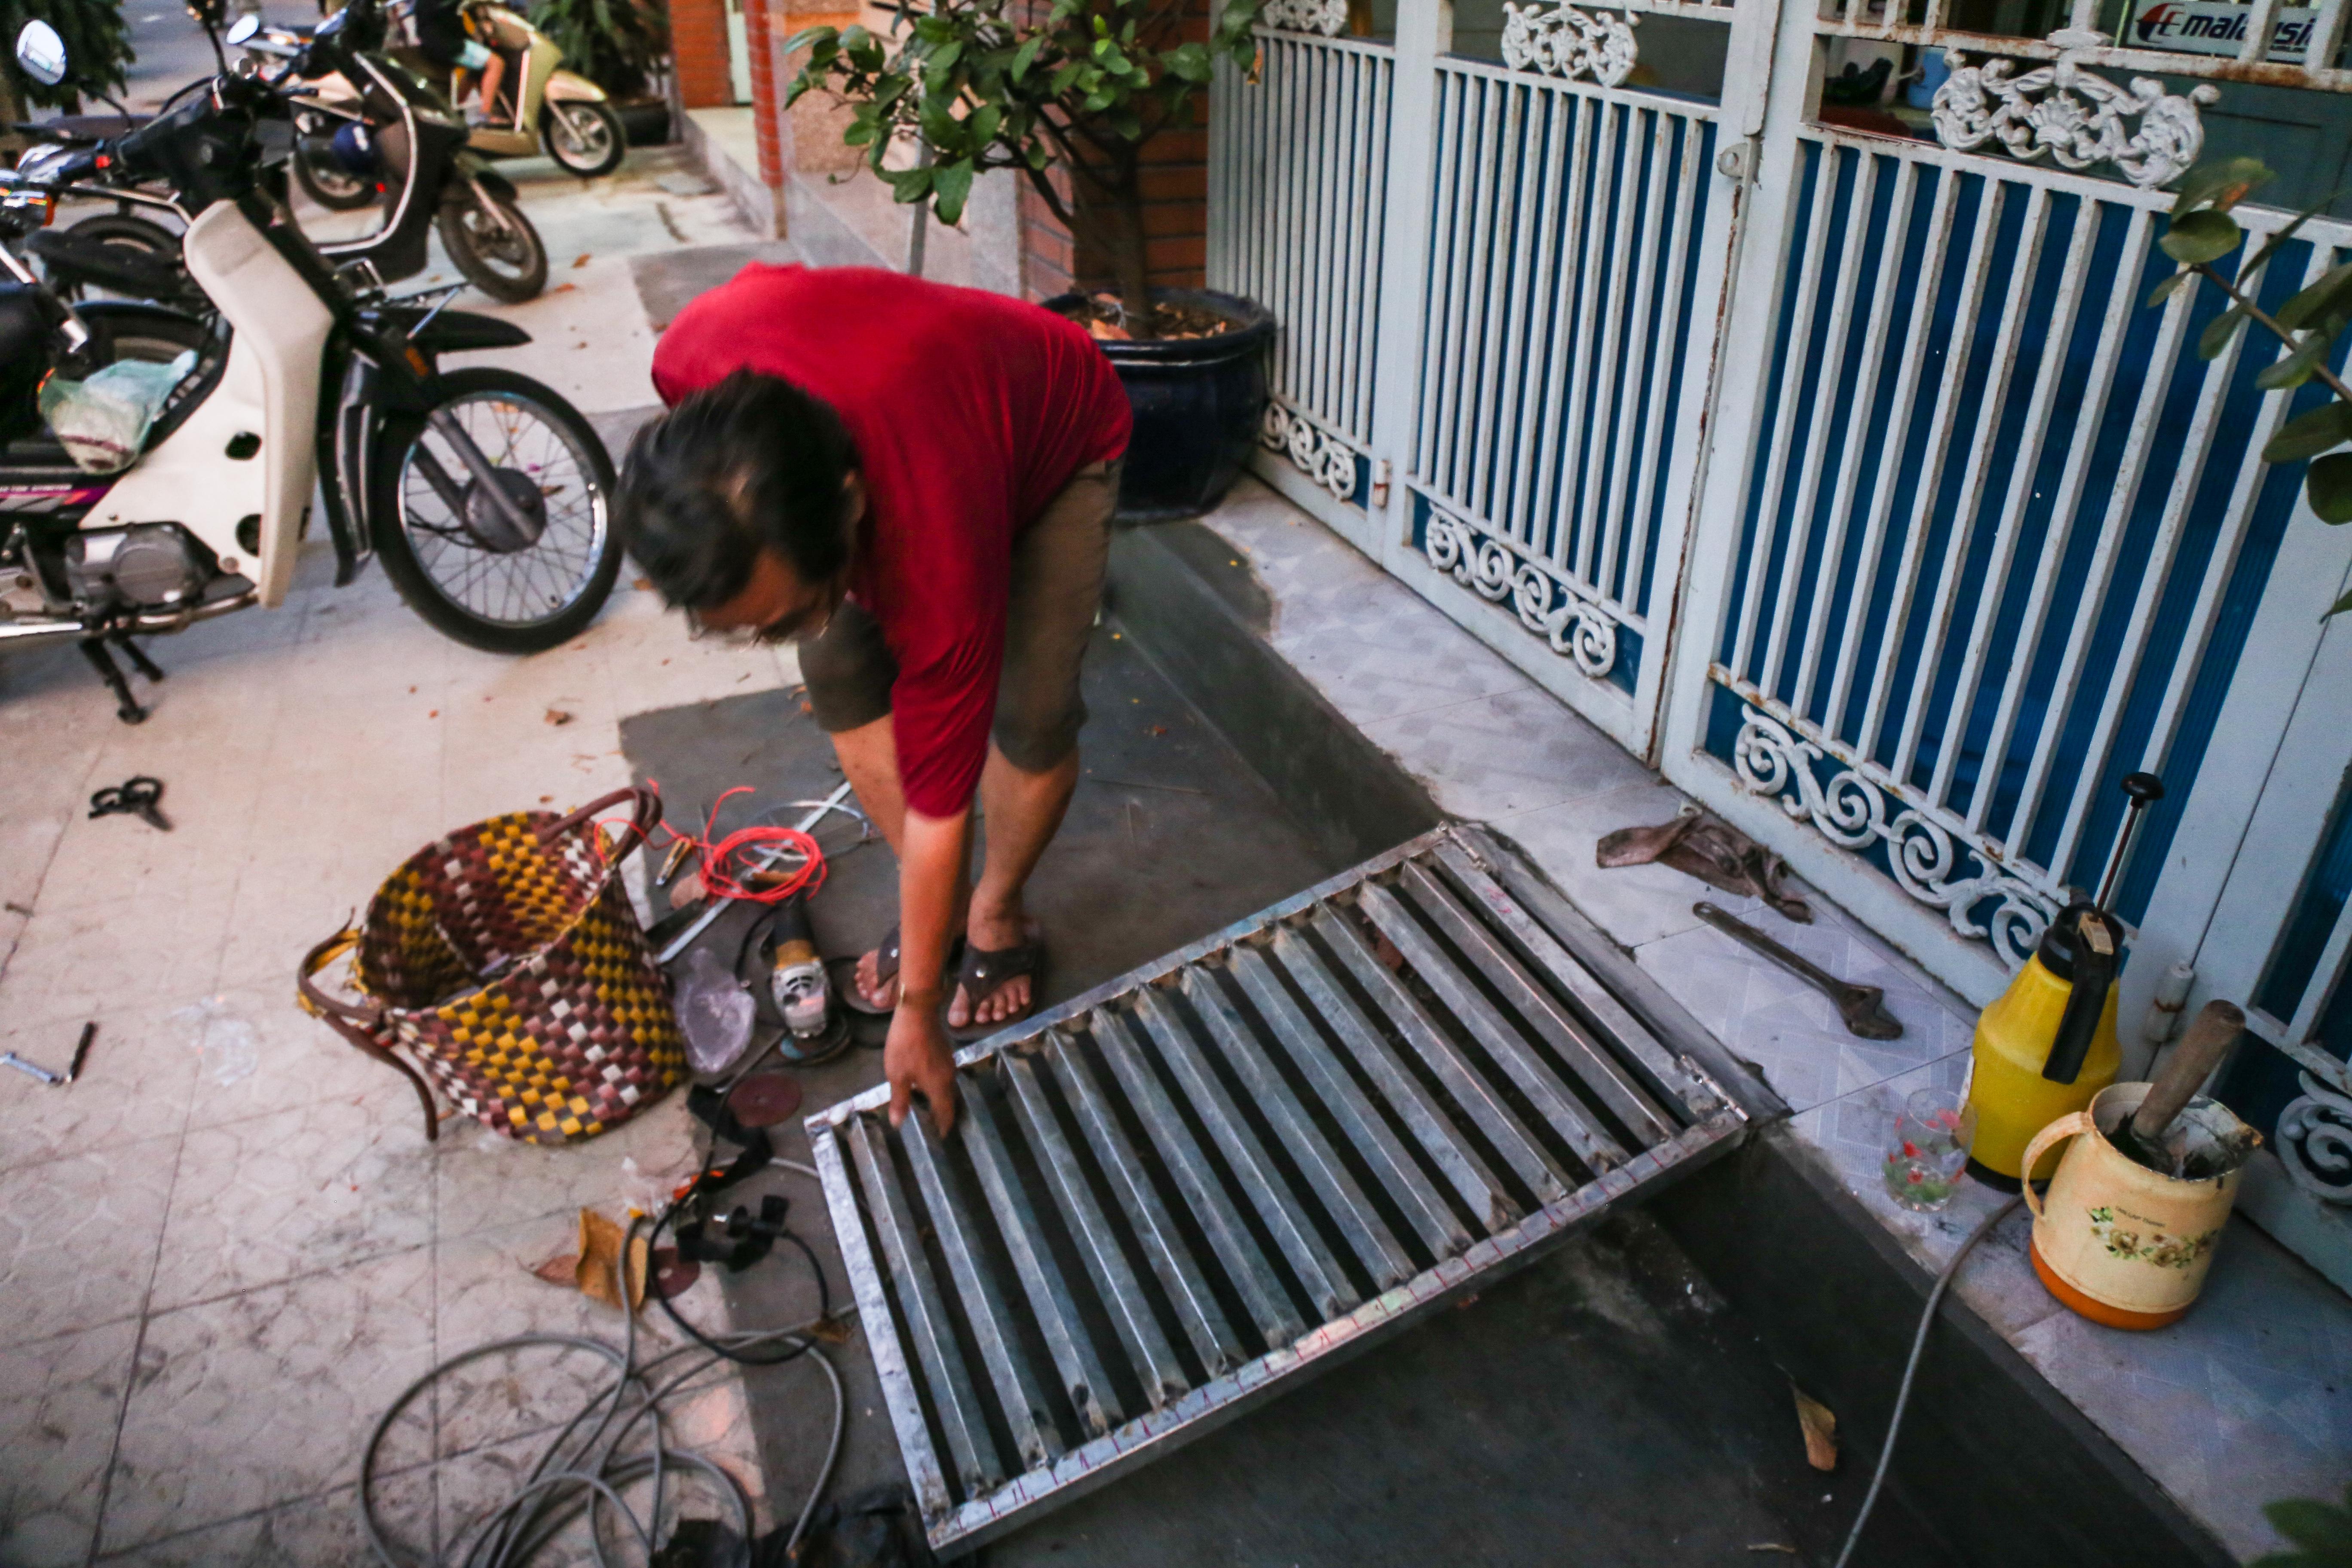 Cái khó ló cái khôn: Người Sài Gòn lắp bậc tam cấp di động như hộp tủ để không lấn chiếm vỉa hè - Ảnh 10.